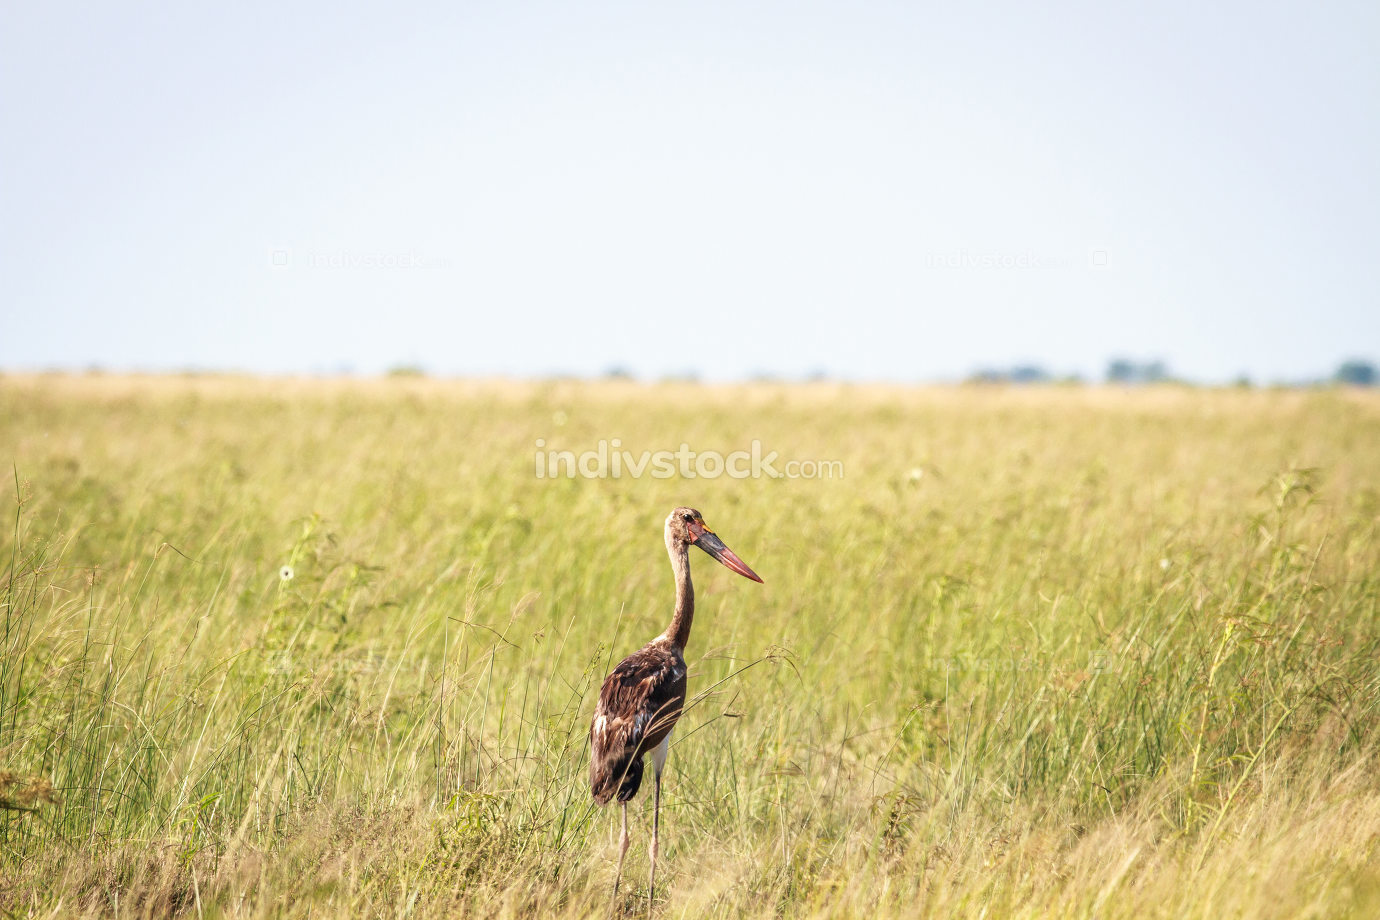 Juvenile Saddle-billed stork in high grass.